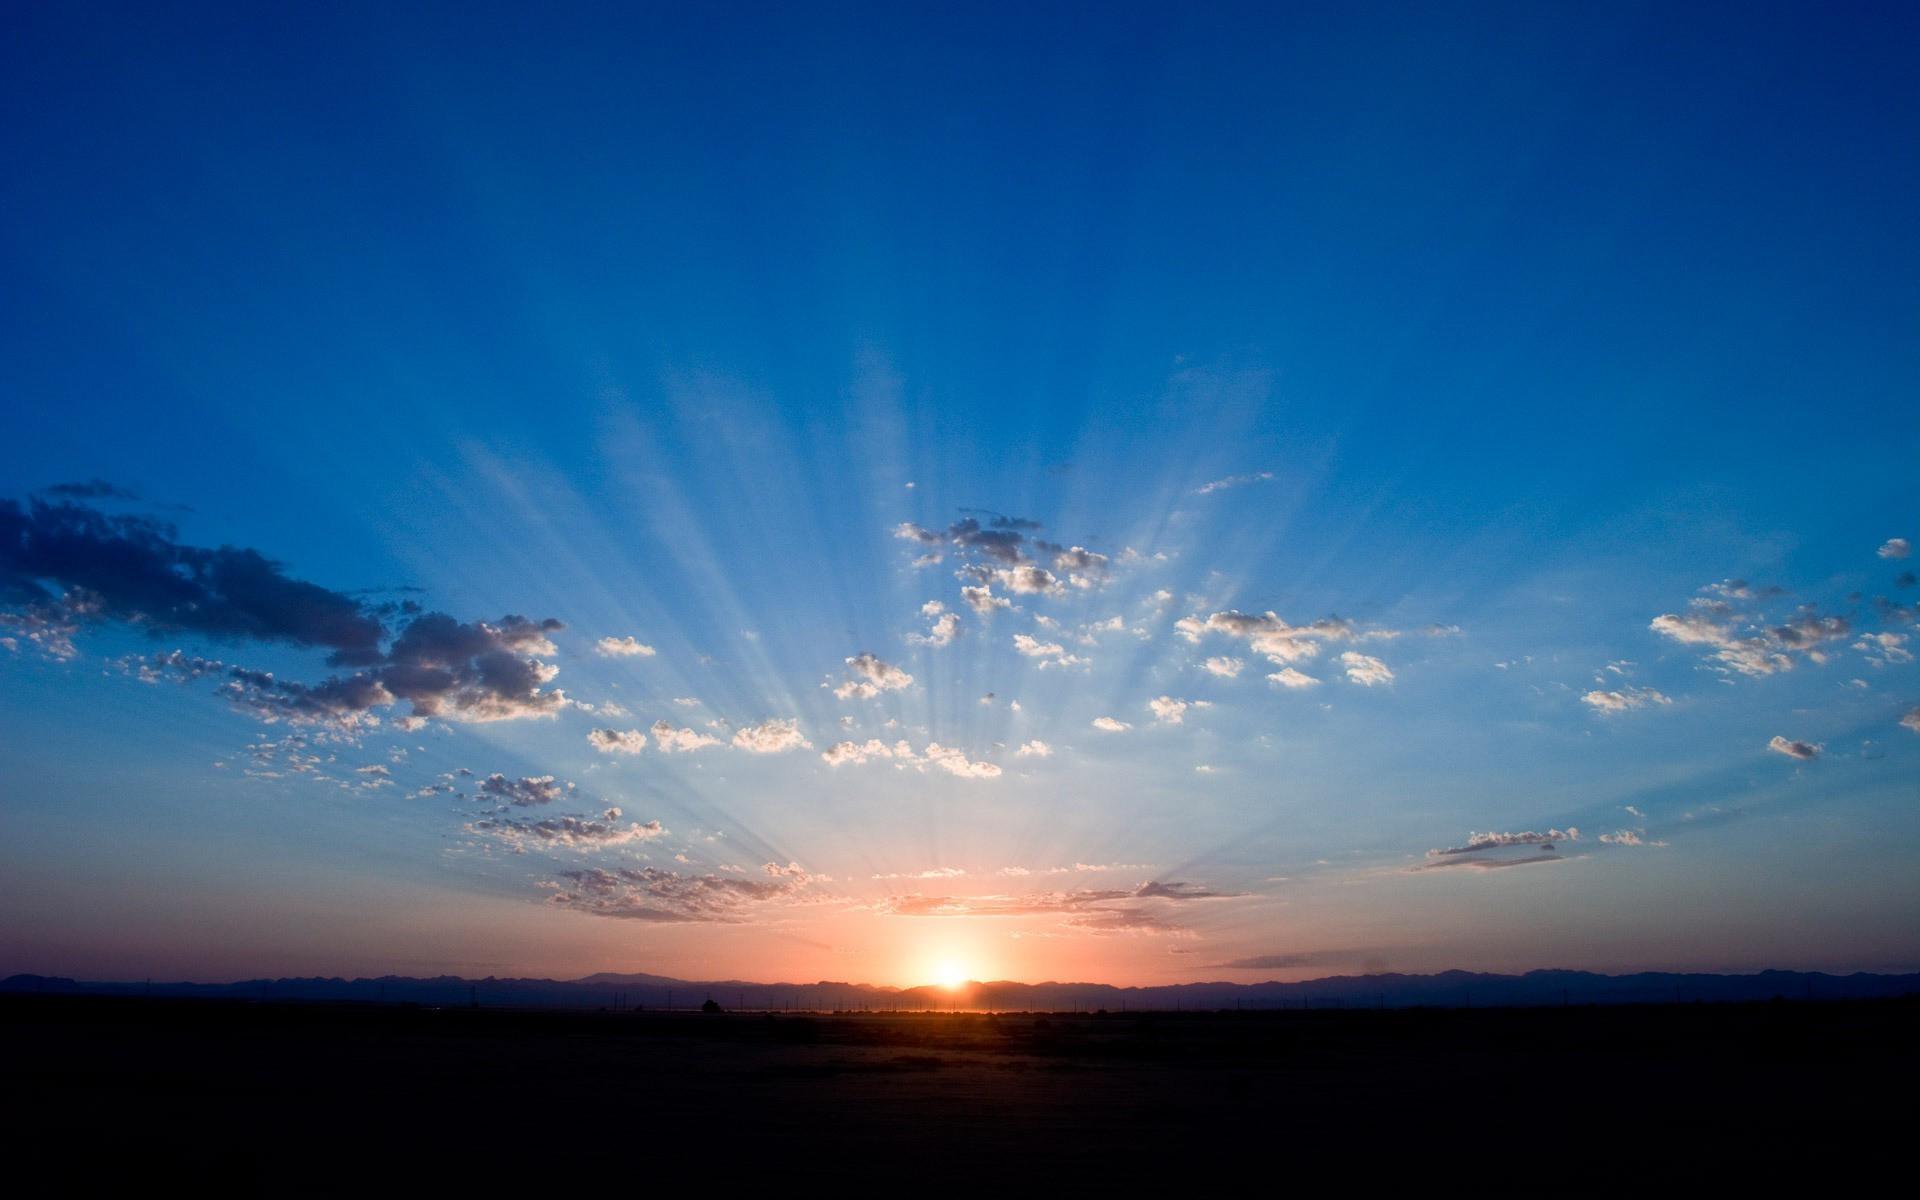 тех, утро небо картинки нашем мебельном центре